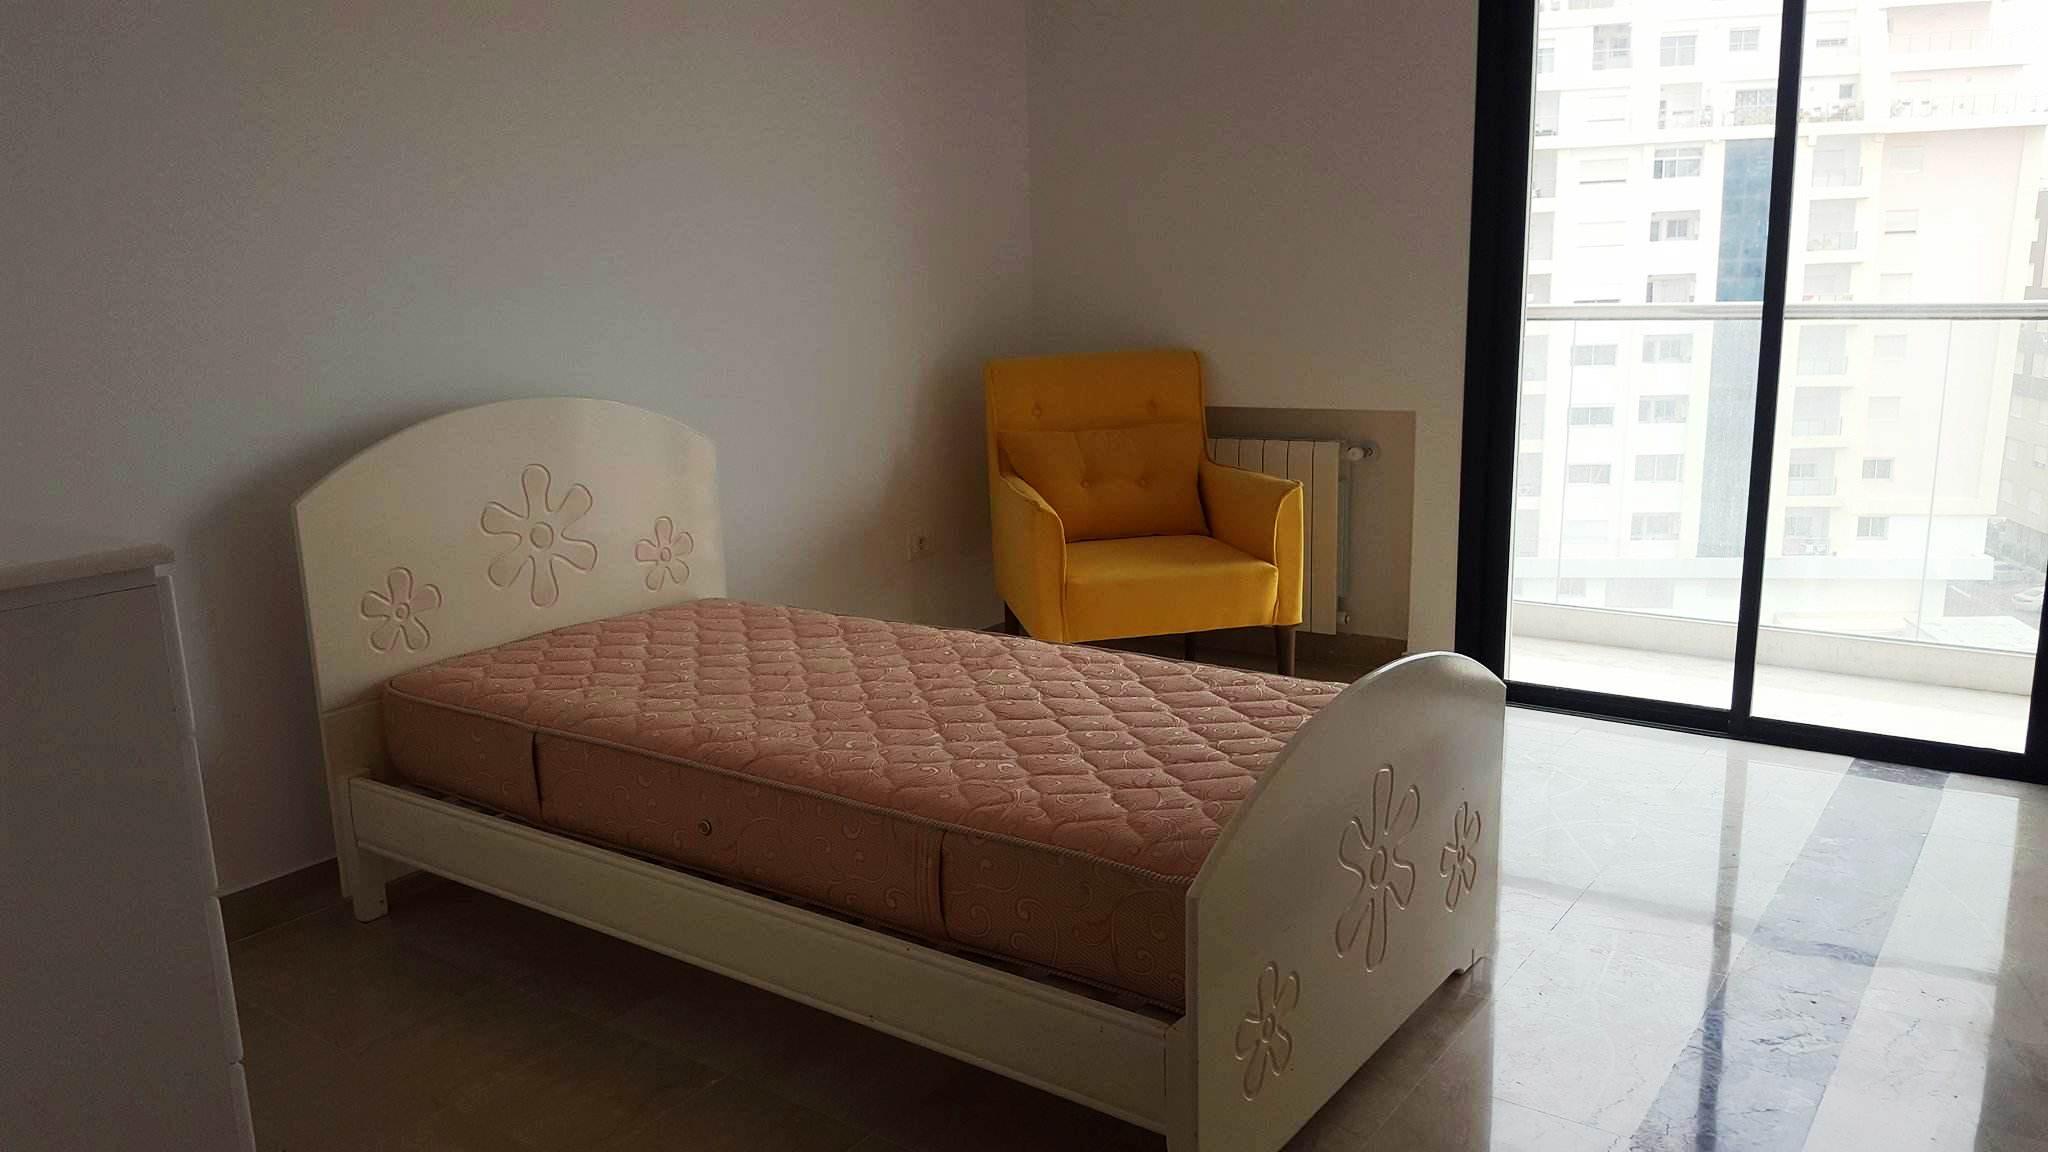 Location un appartement s 2 meubl jamais habit la for Meuble 5 etoiles tunisie mnihla salon